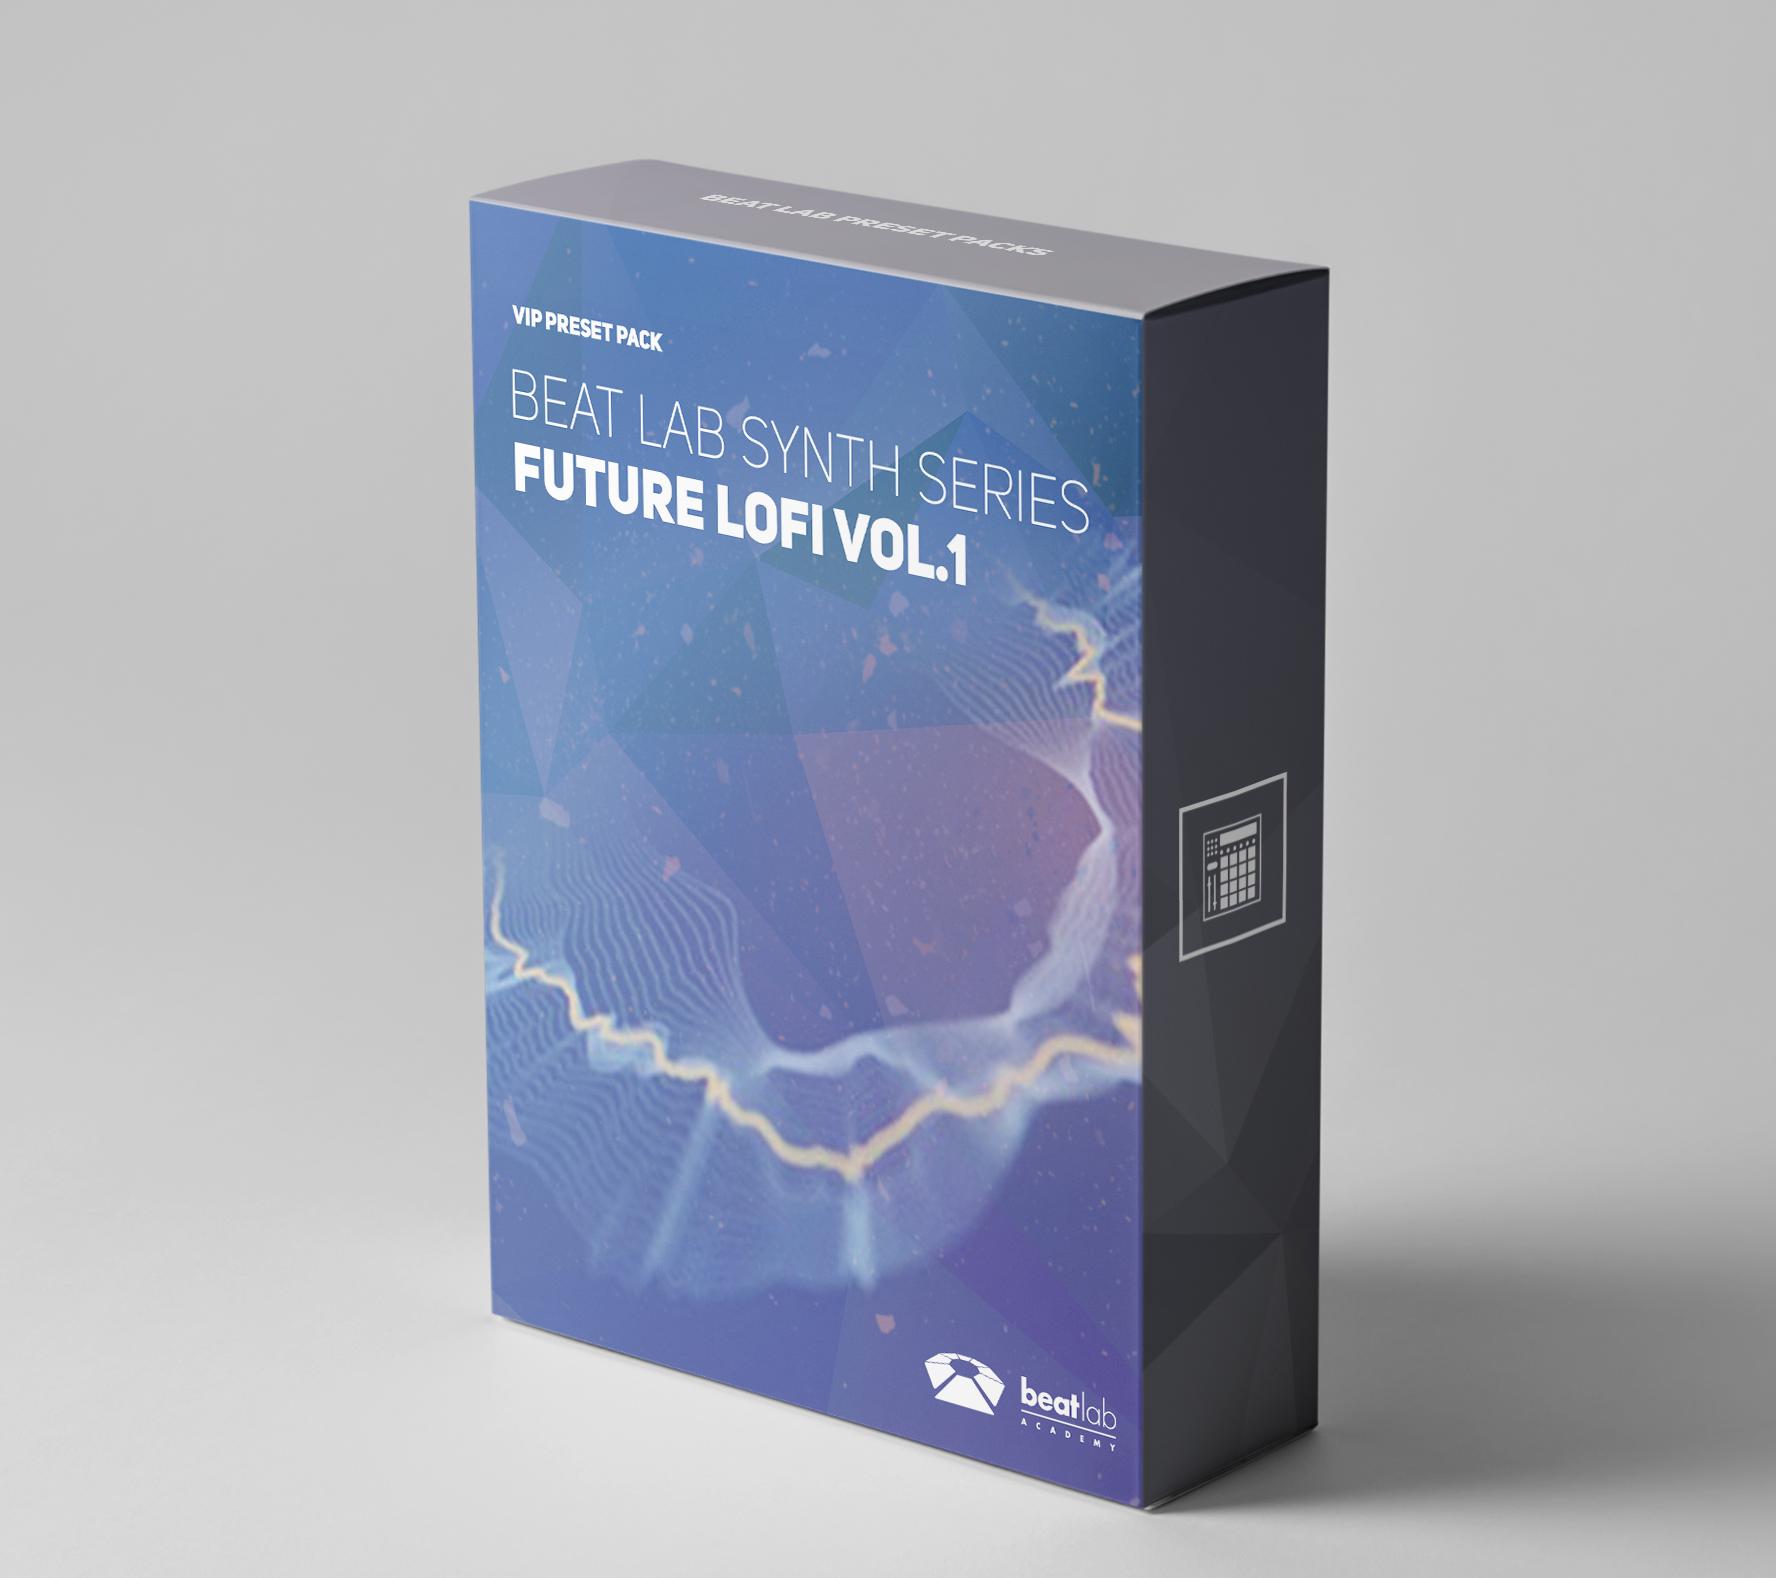 Future Lofi Vol. 1 - Beat Lab